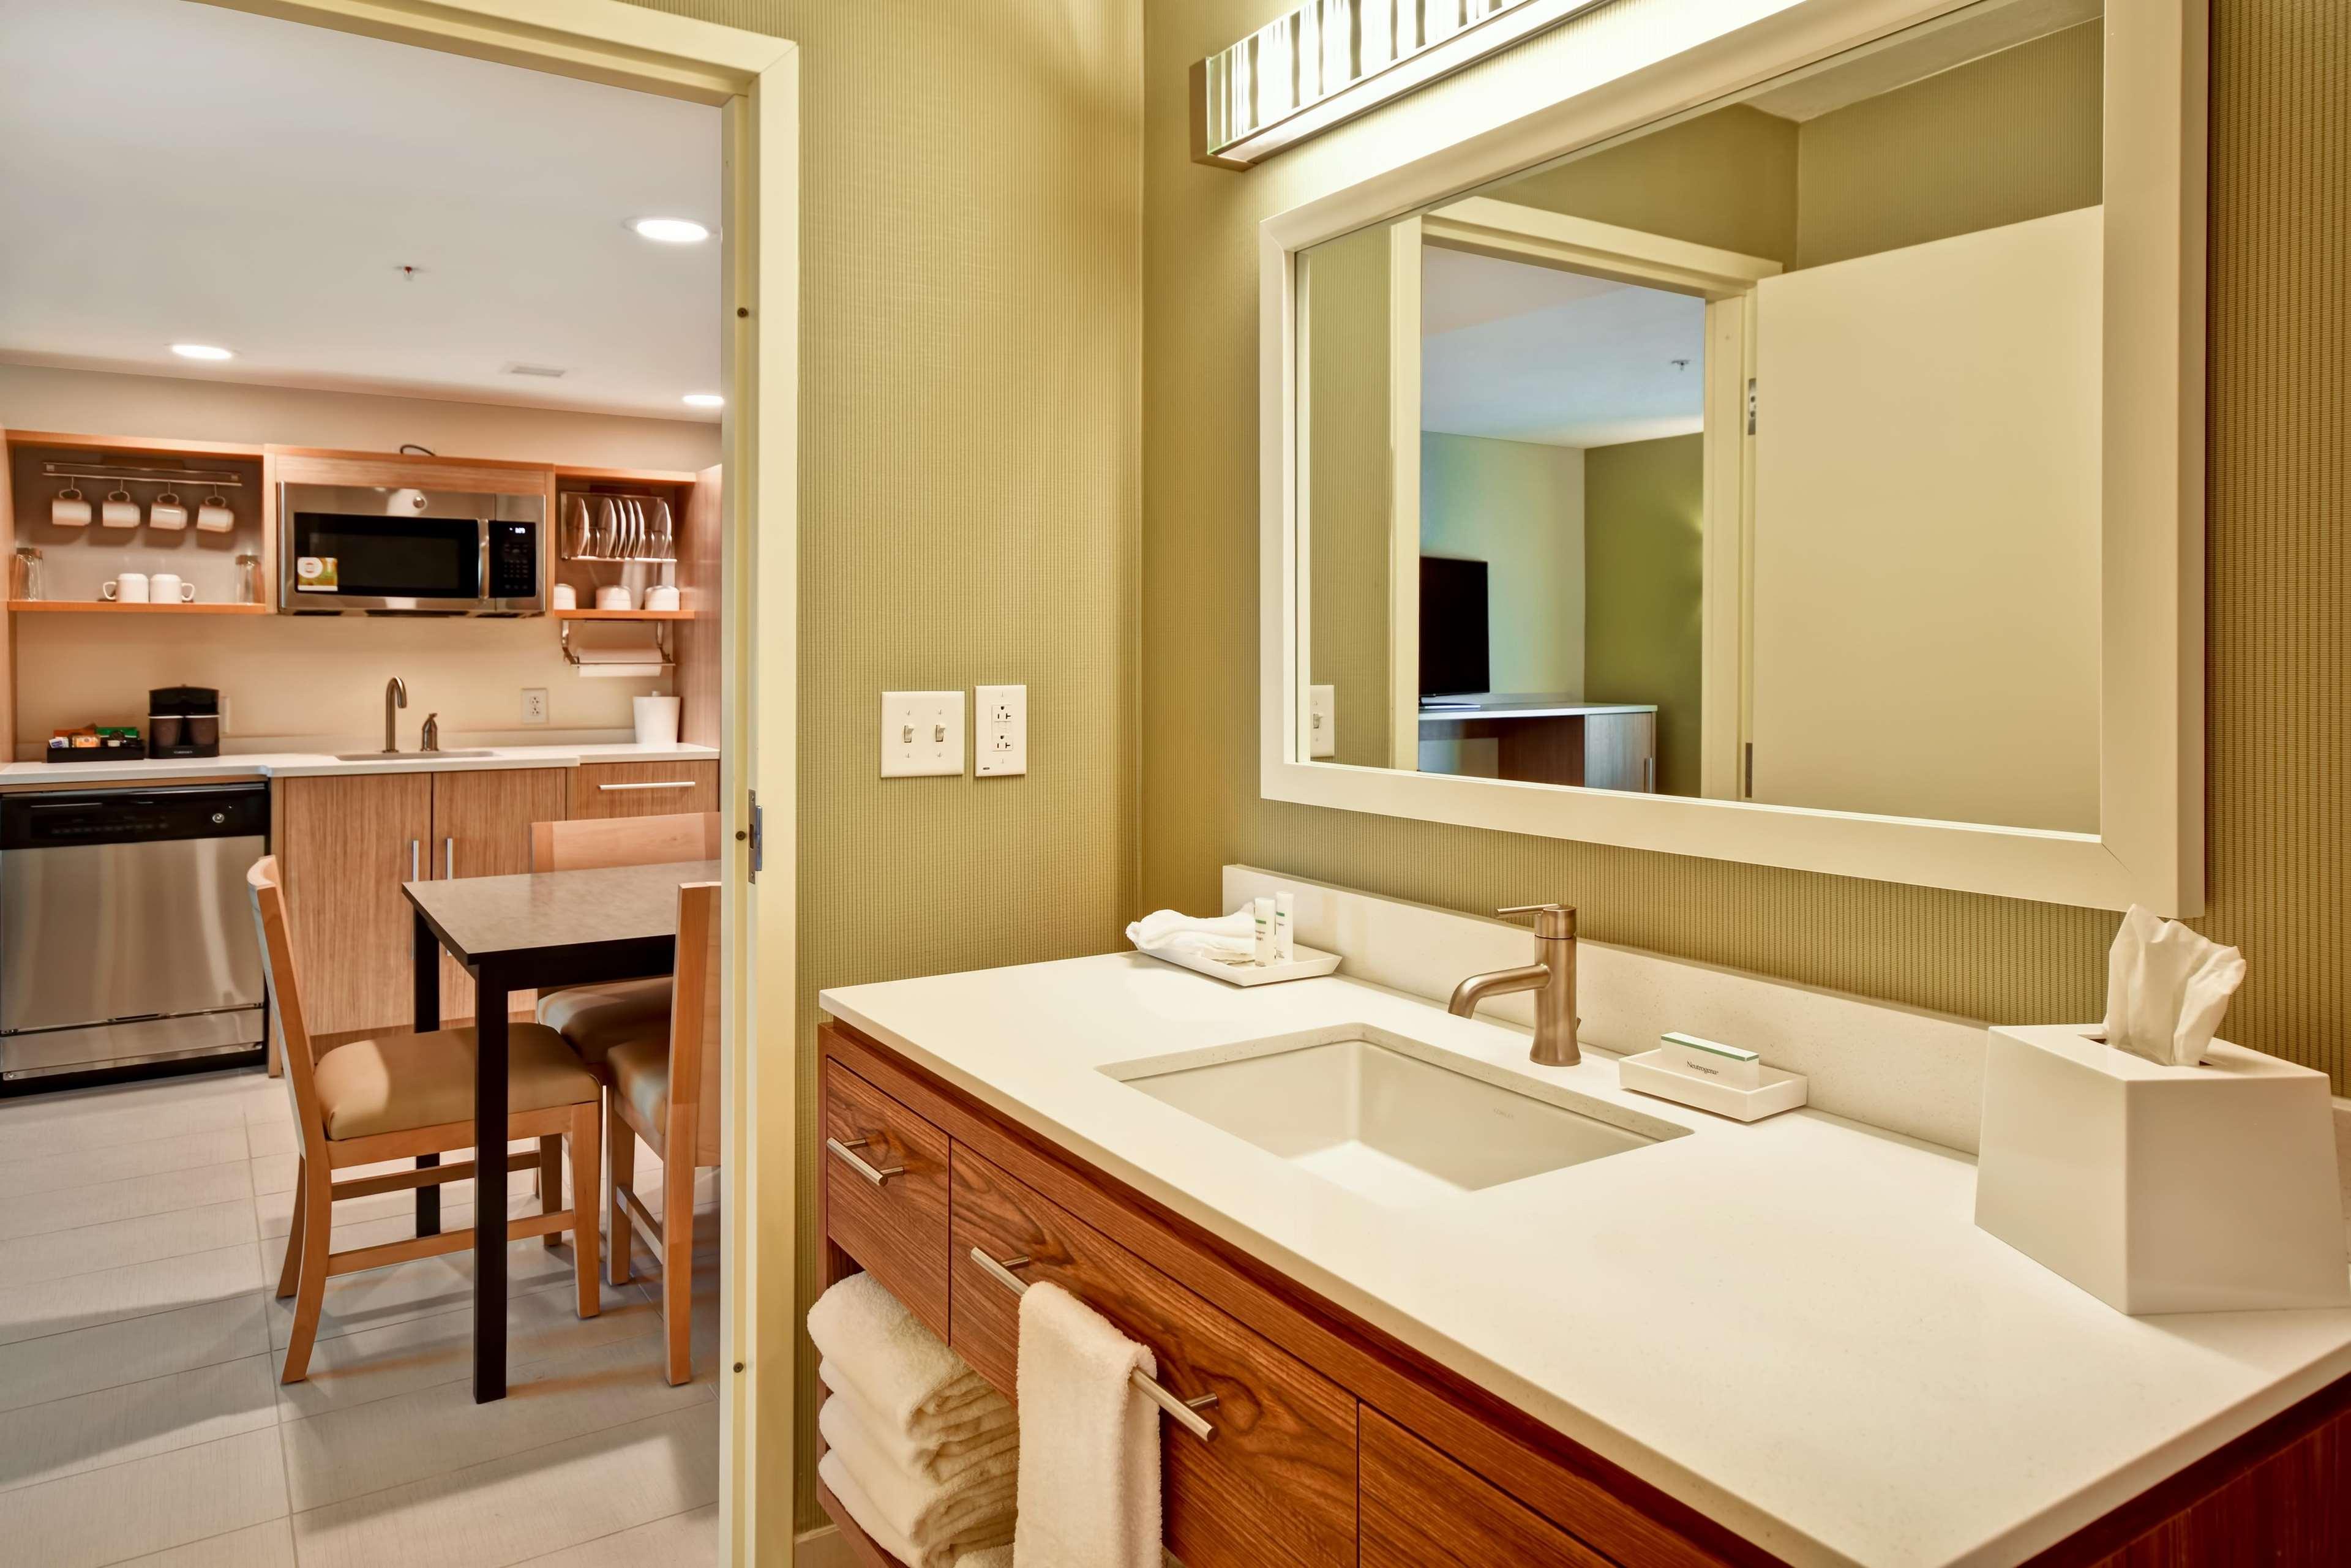 Home2 Suites by Hilton Smyrna Nashville image 41